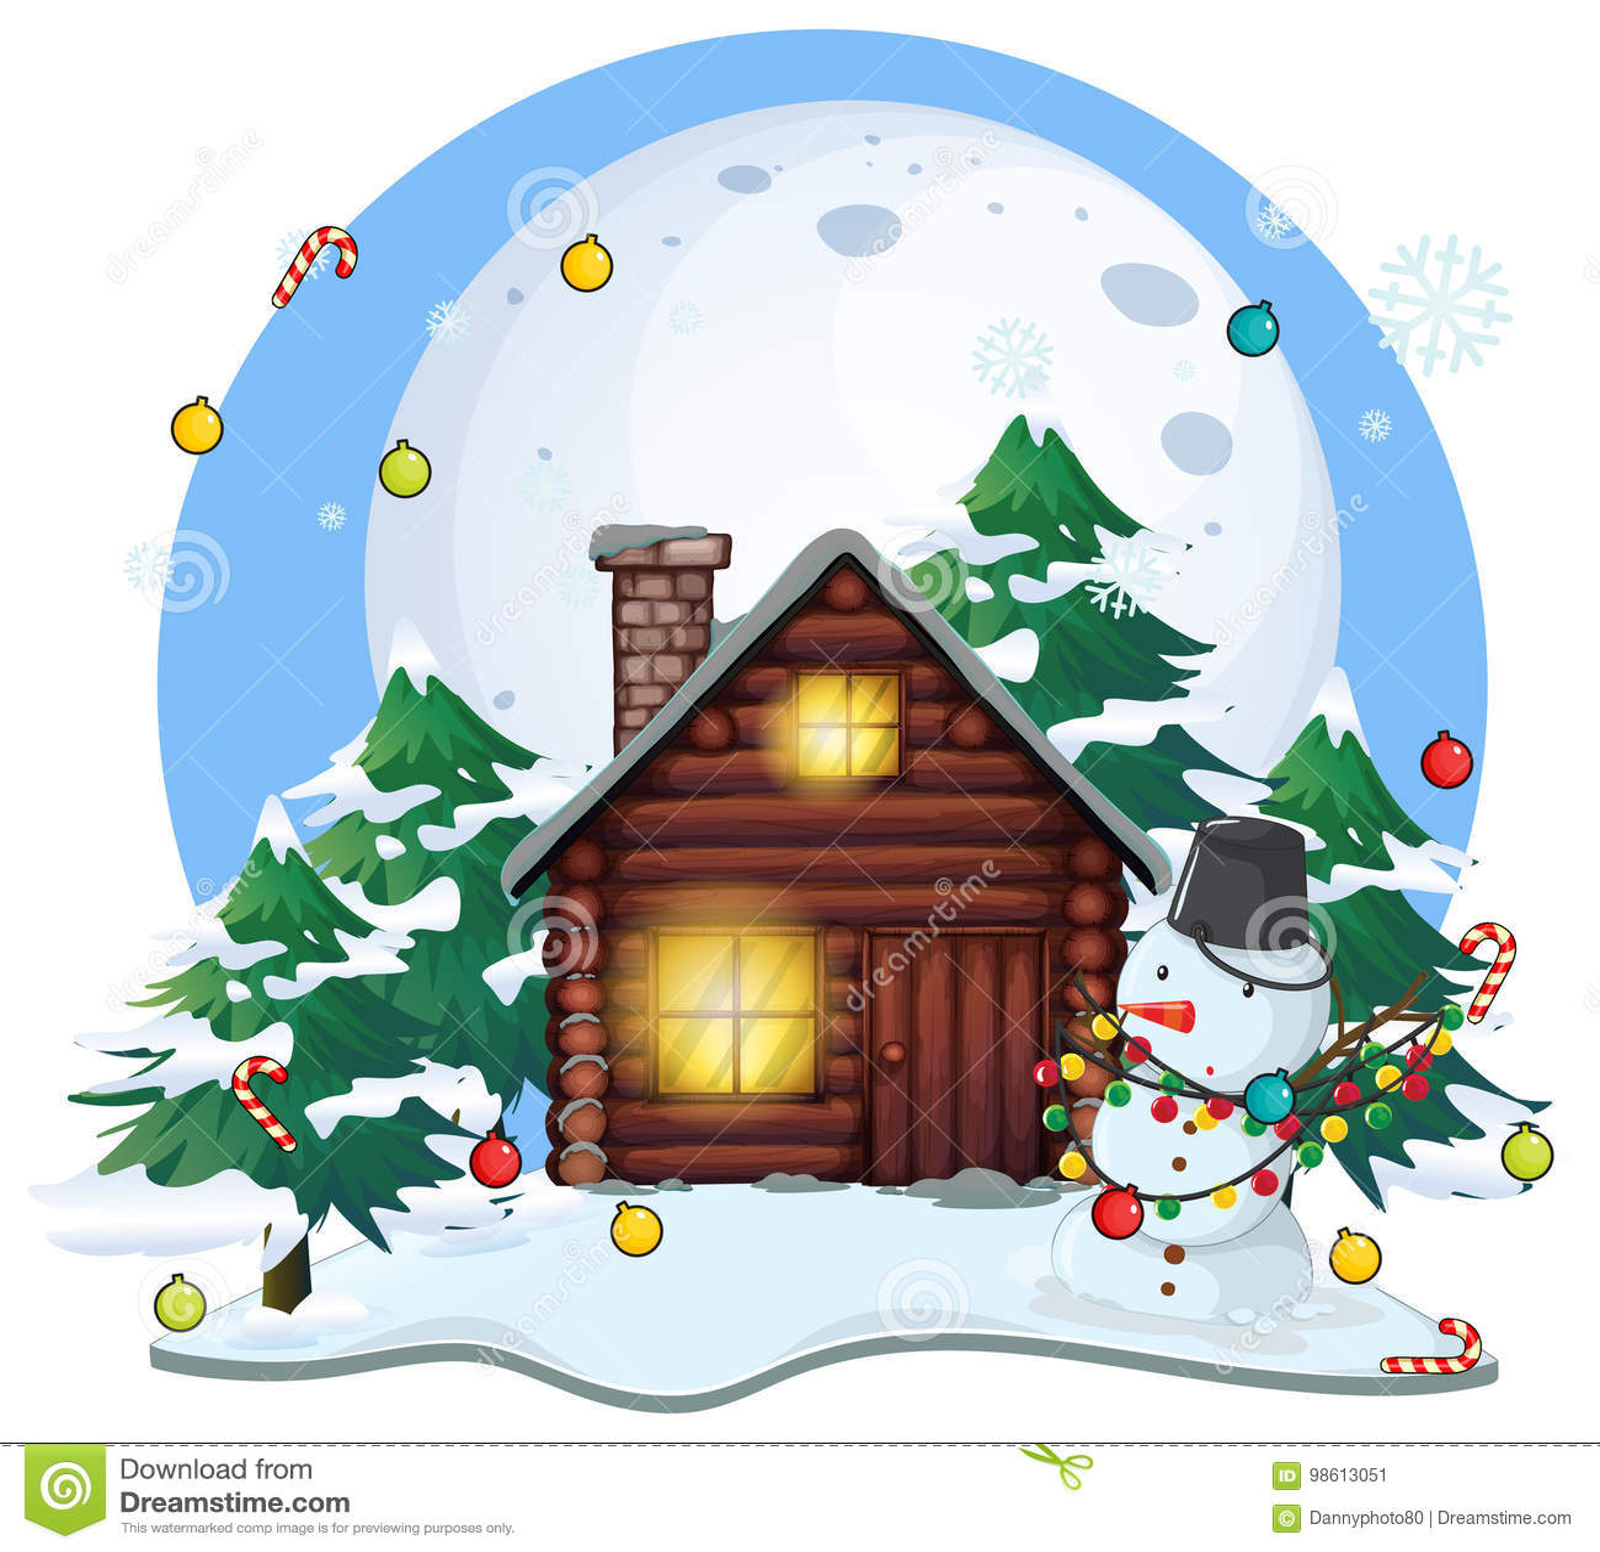 Caba a y mu eco de nieve de madera en la navidad - Cabanas de madera en la nieve ...